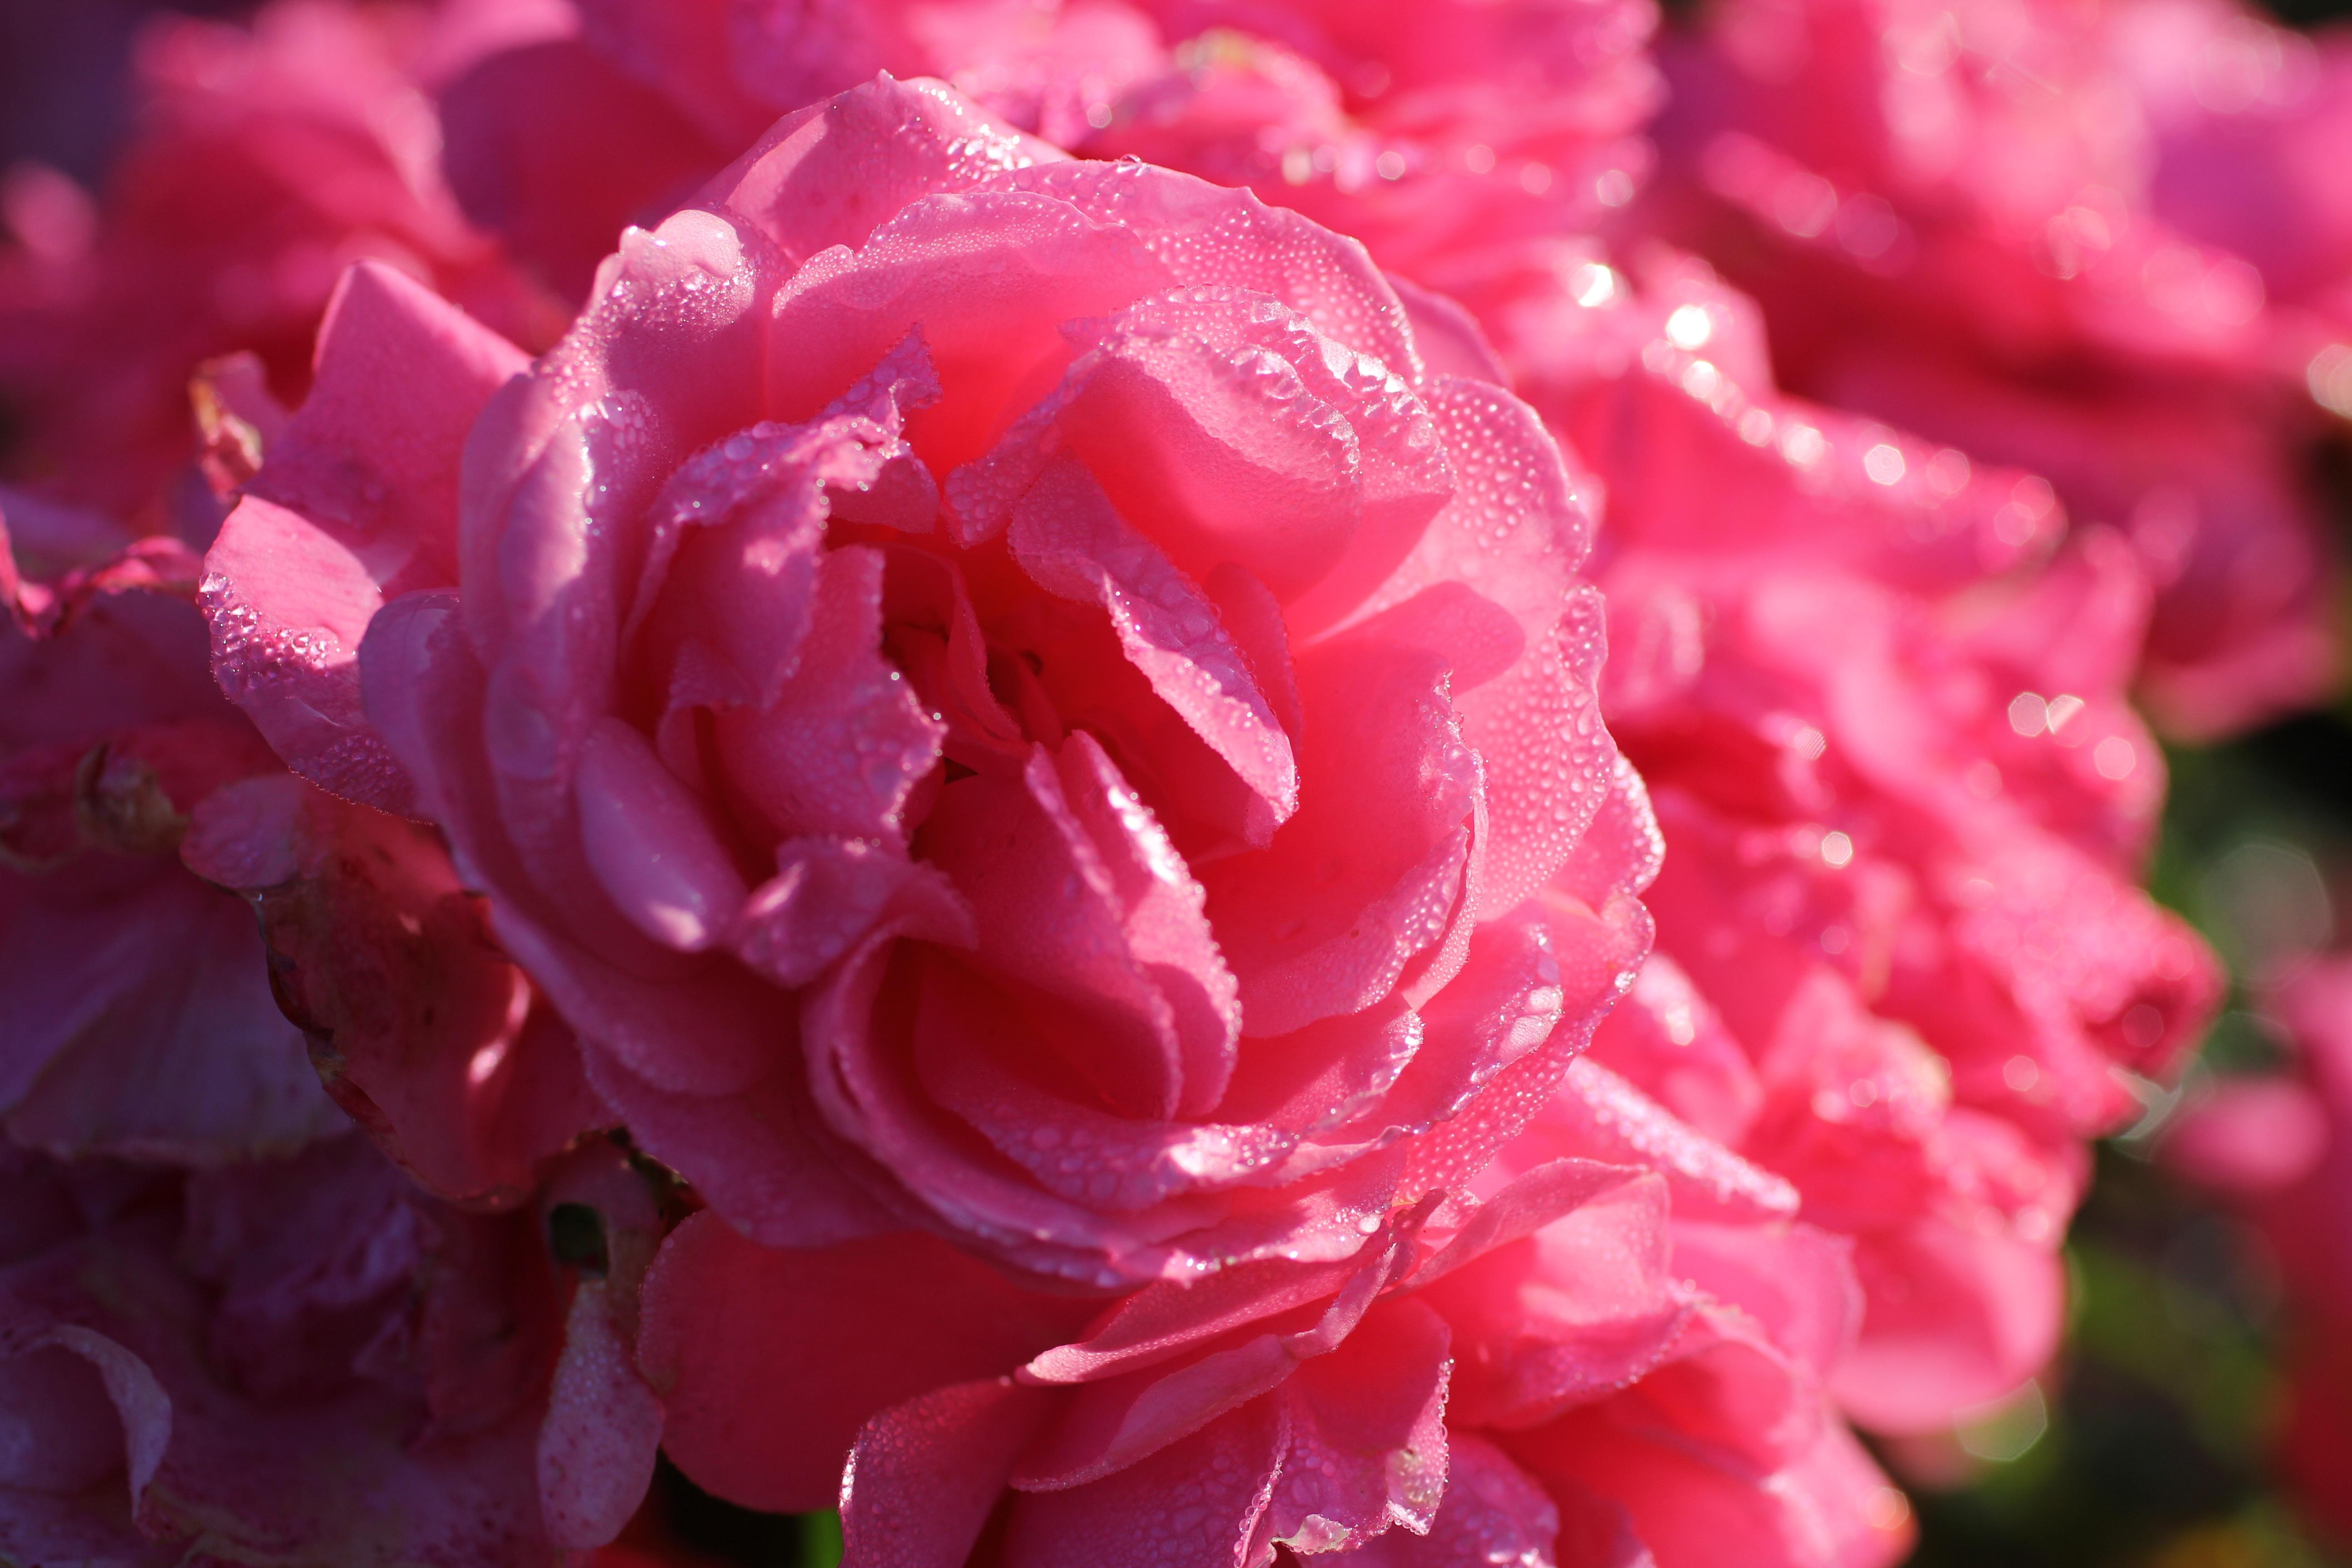 Blossom Plant Flower Petal Bloom Summer Rose Pink Flora Morning Dew Shrub Peony Floribunda